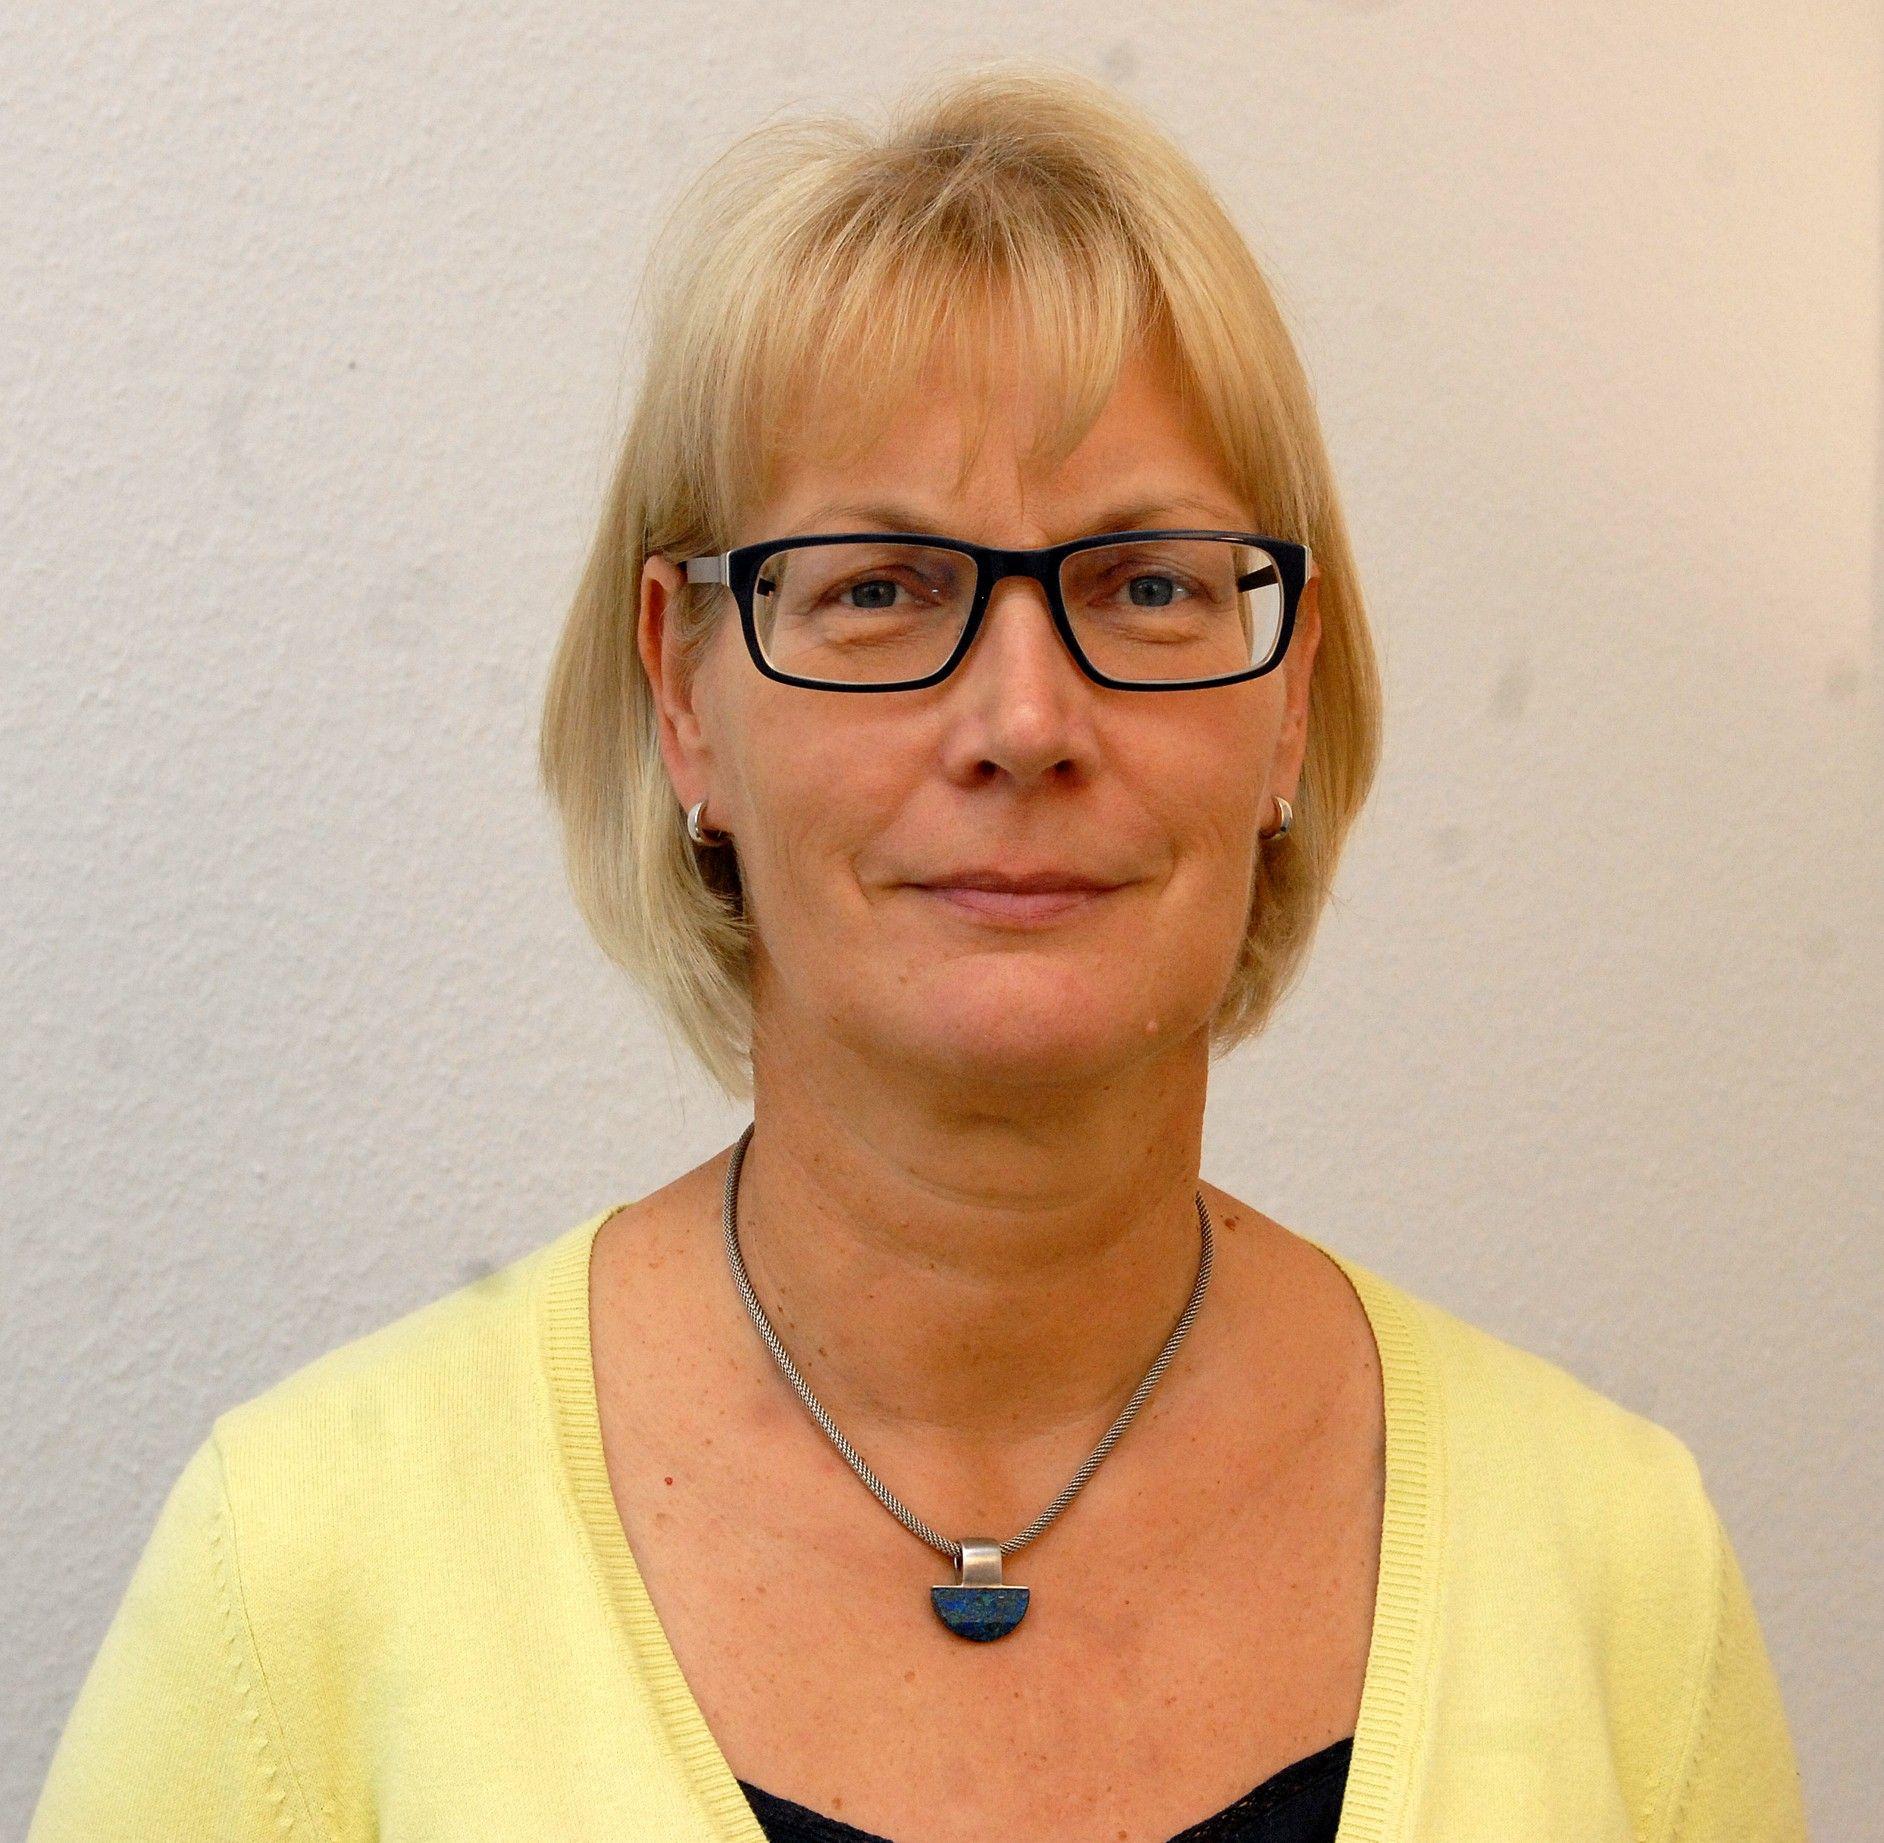 Constanze Lehmann, Redakteurin, MAZ, Märkische Allgemeine Zeitung, Potsdam. Foto: MAZ/Michael Hübner